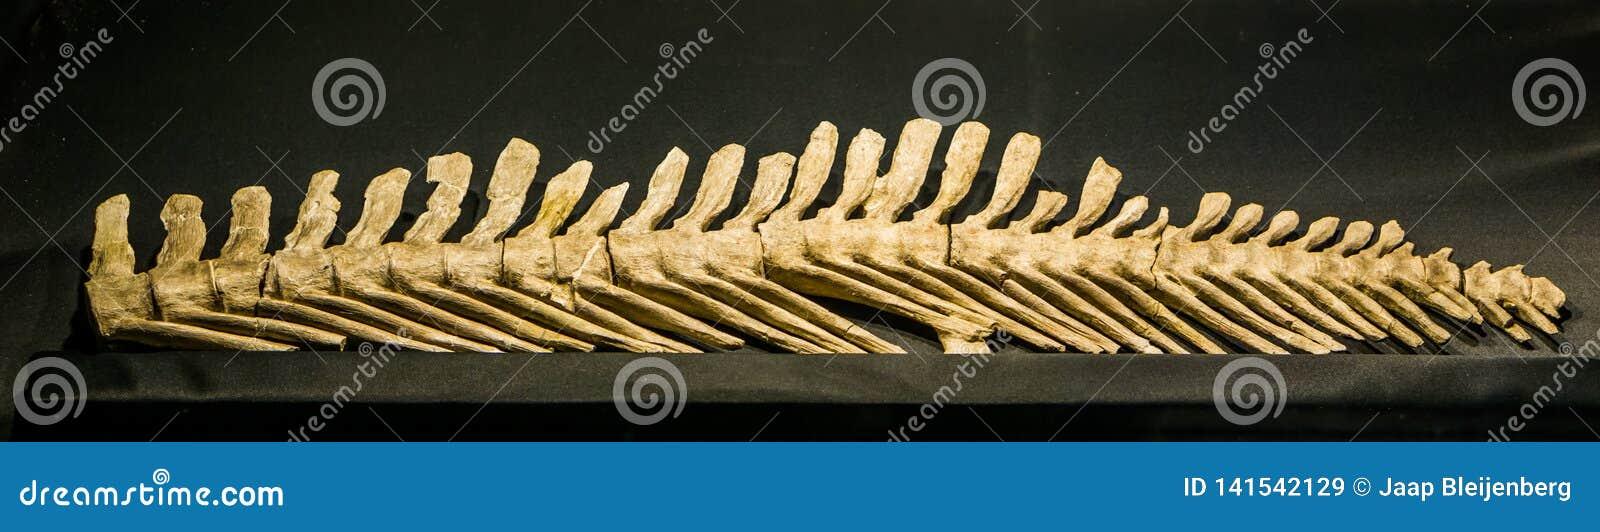 De achterstekel van een uitgestorven mosasauruslemonnieri, een aquatische hagedis die tijdens de krijtachtige periode in Europa e